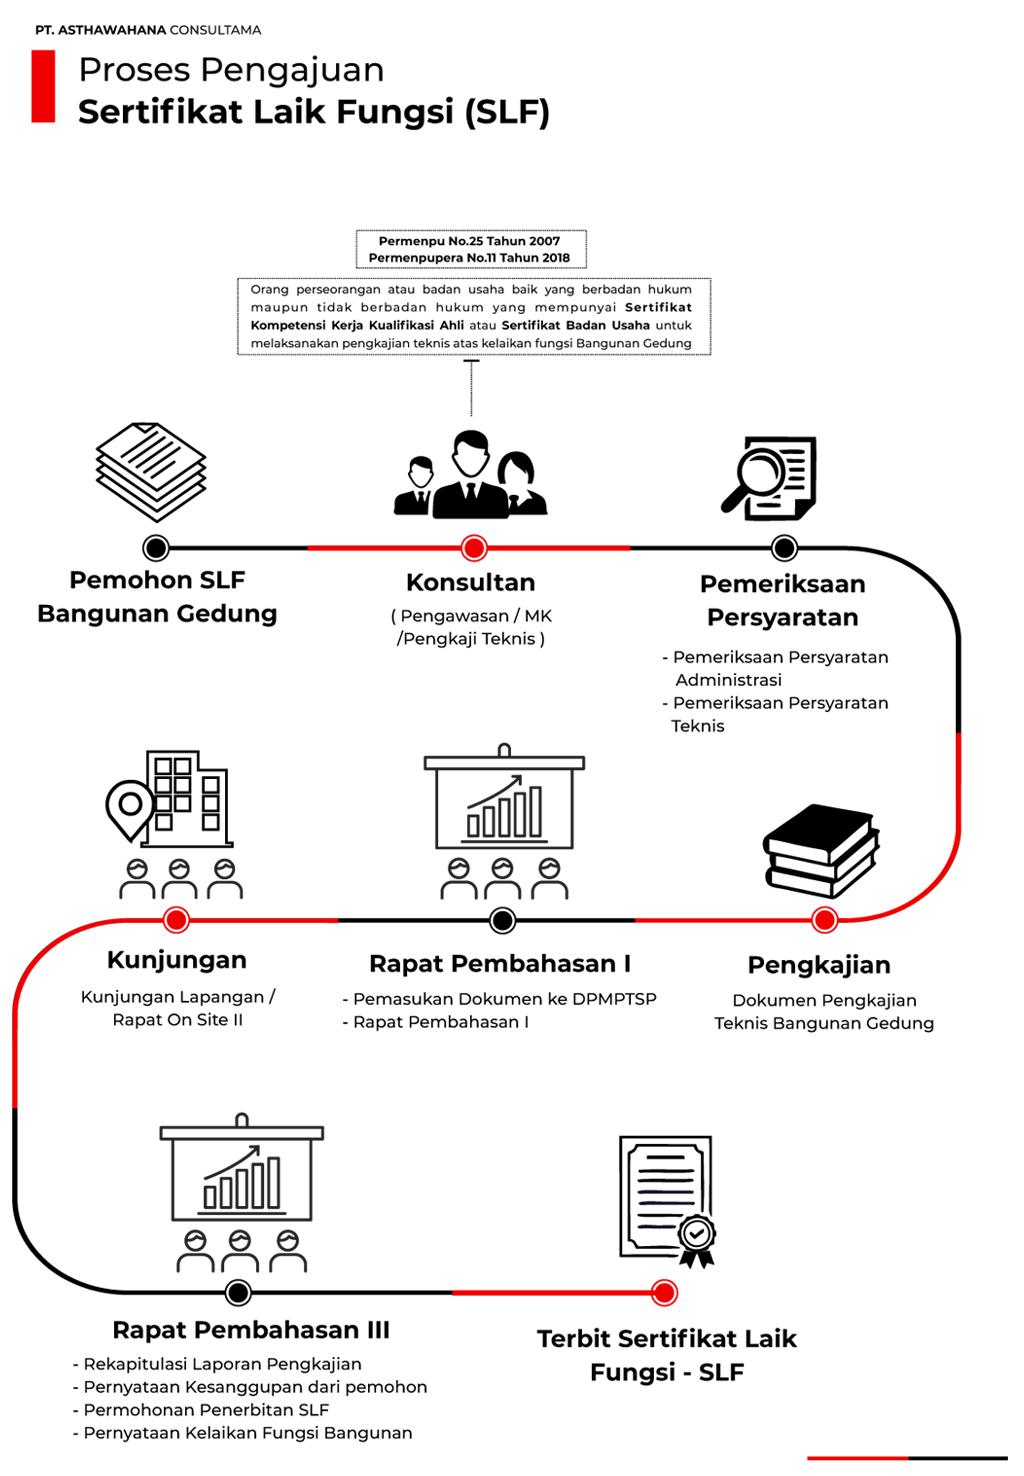 Proses Pengajuan SLF Sertifikat Laik Fungsi - Jasa Pengurusan SLF